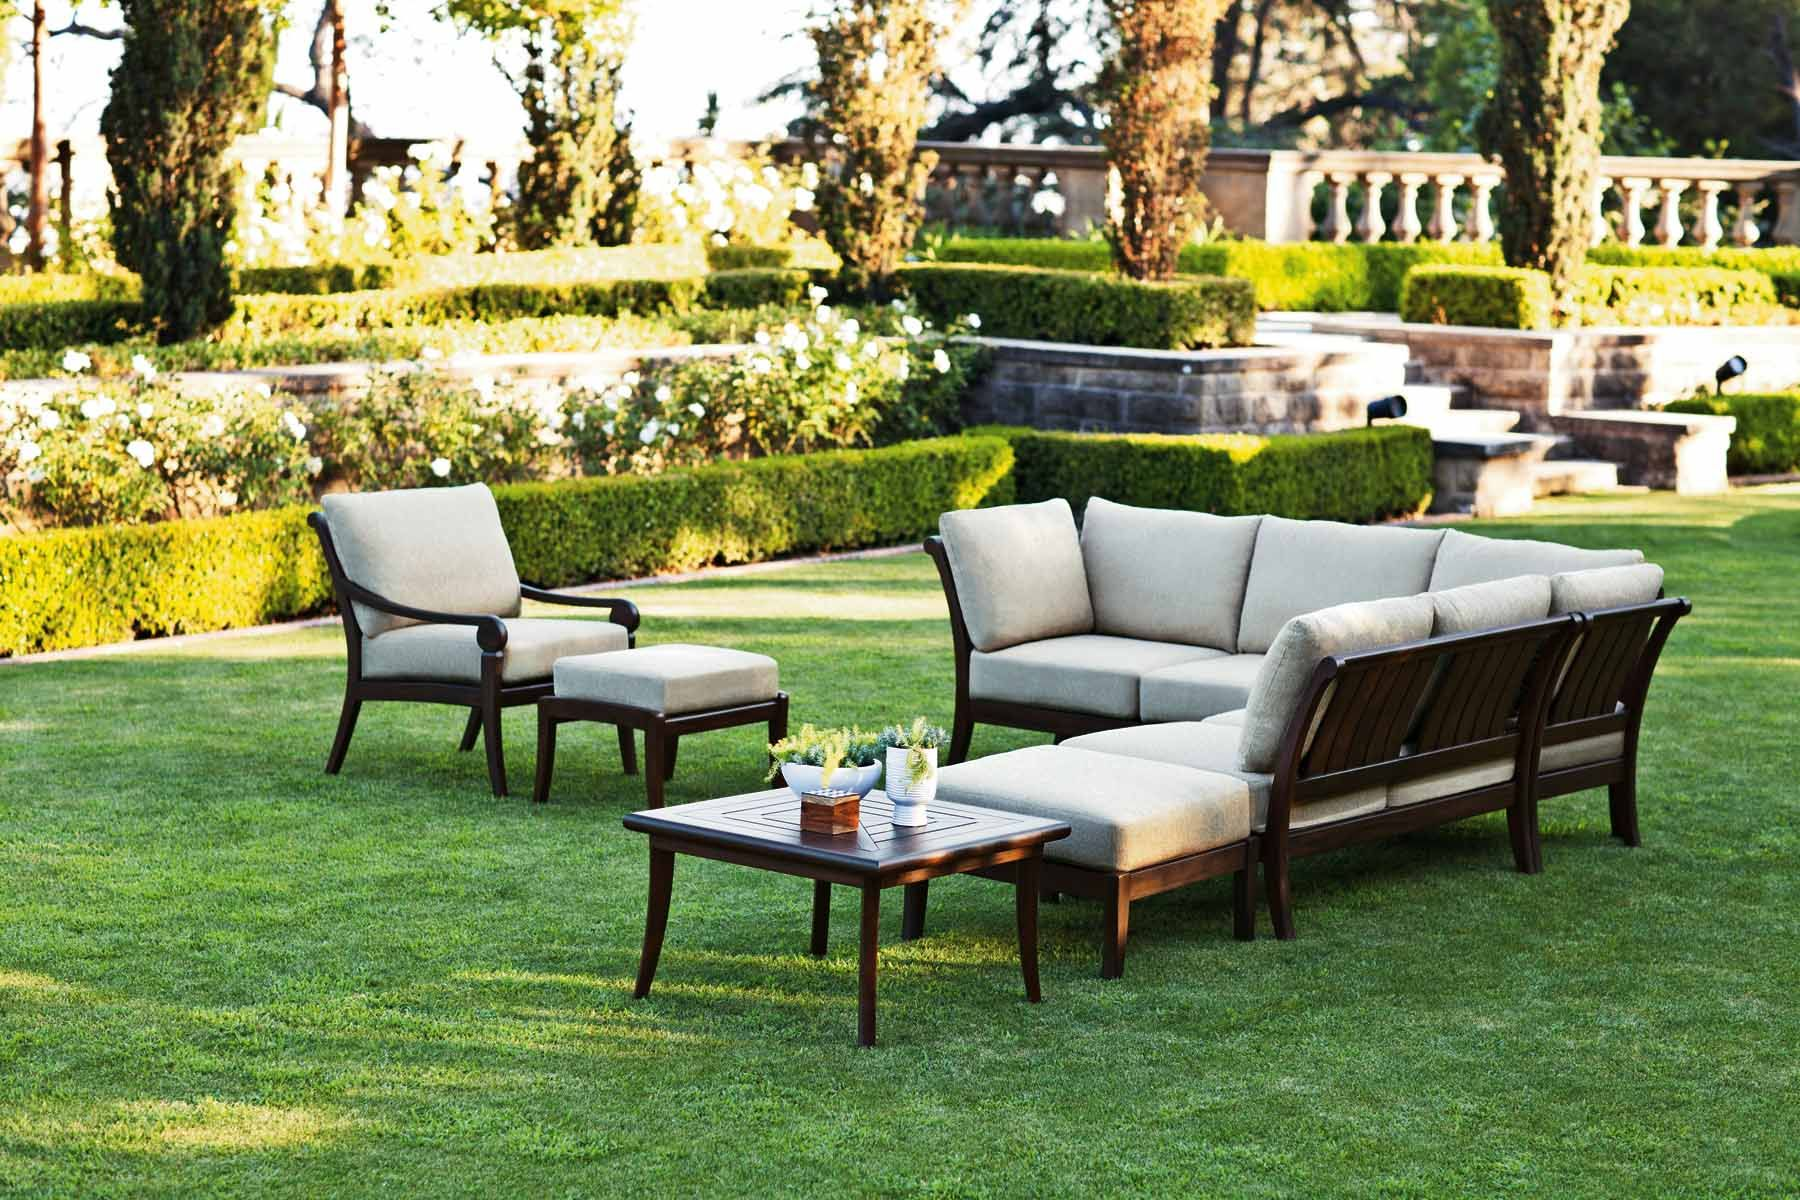 Download Wallpaper Saddleback Patio Furniture San Diego